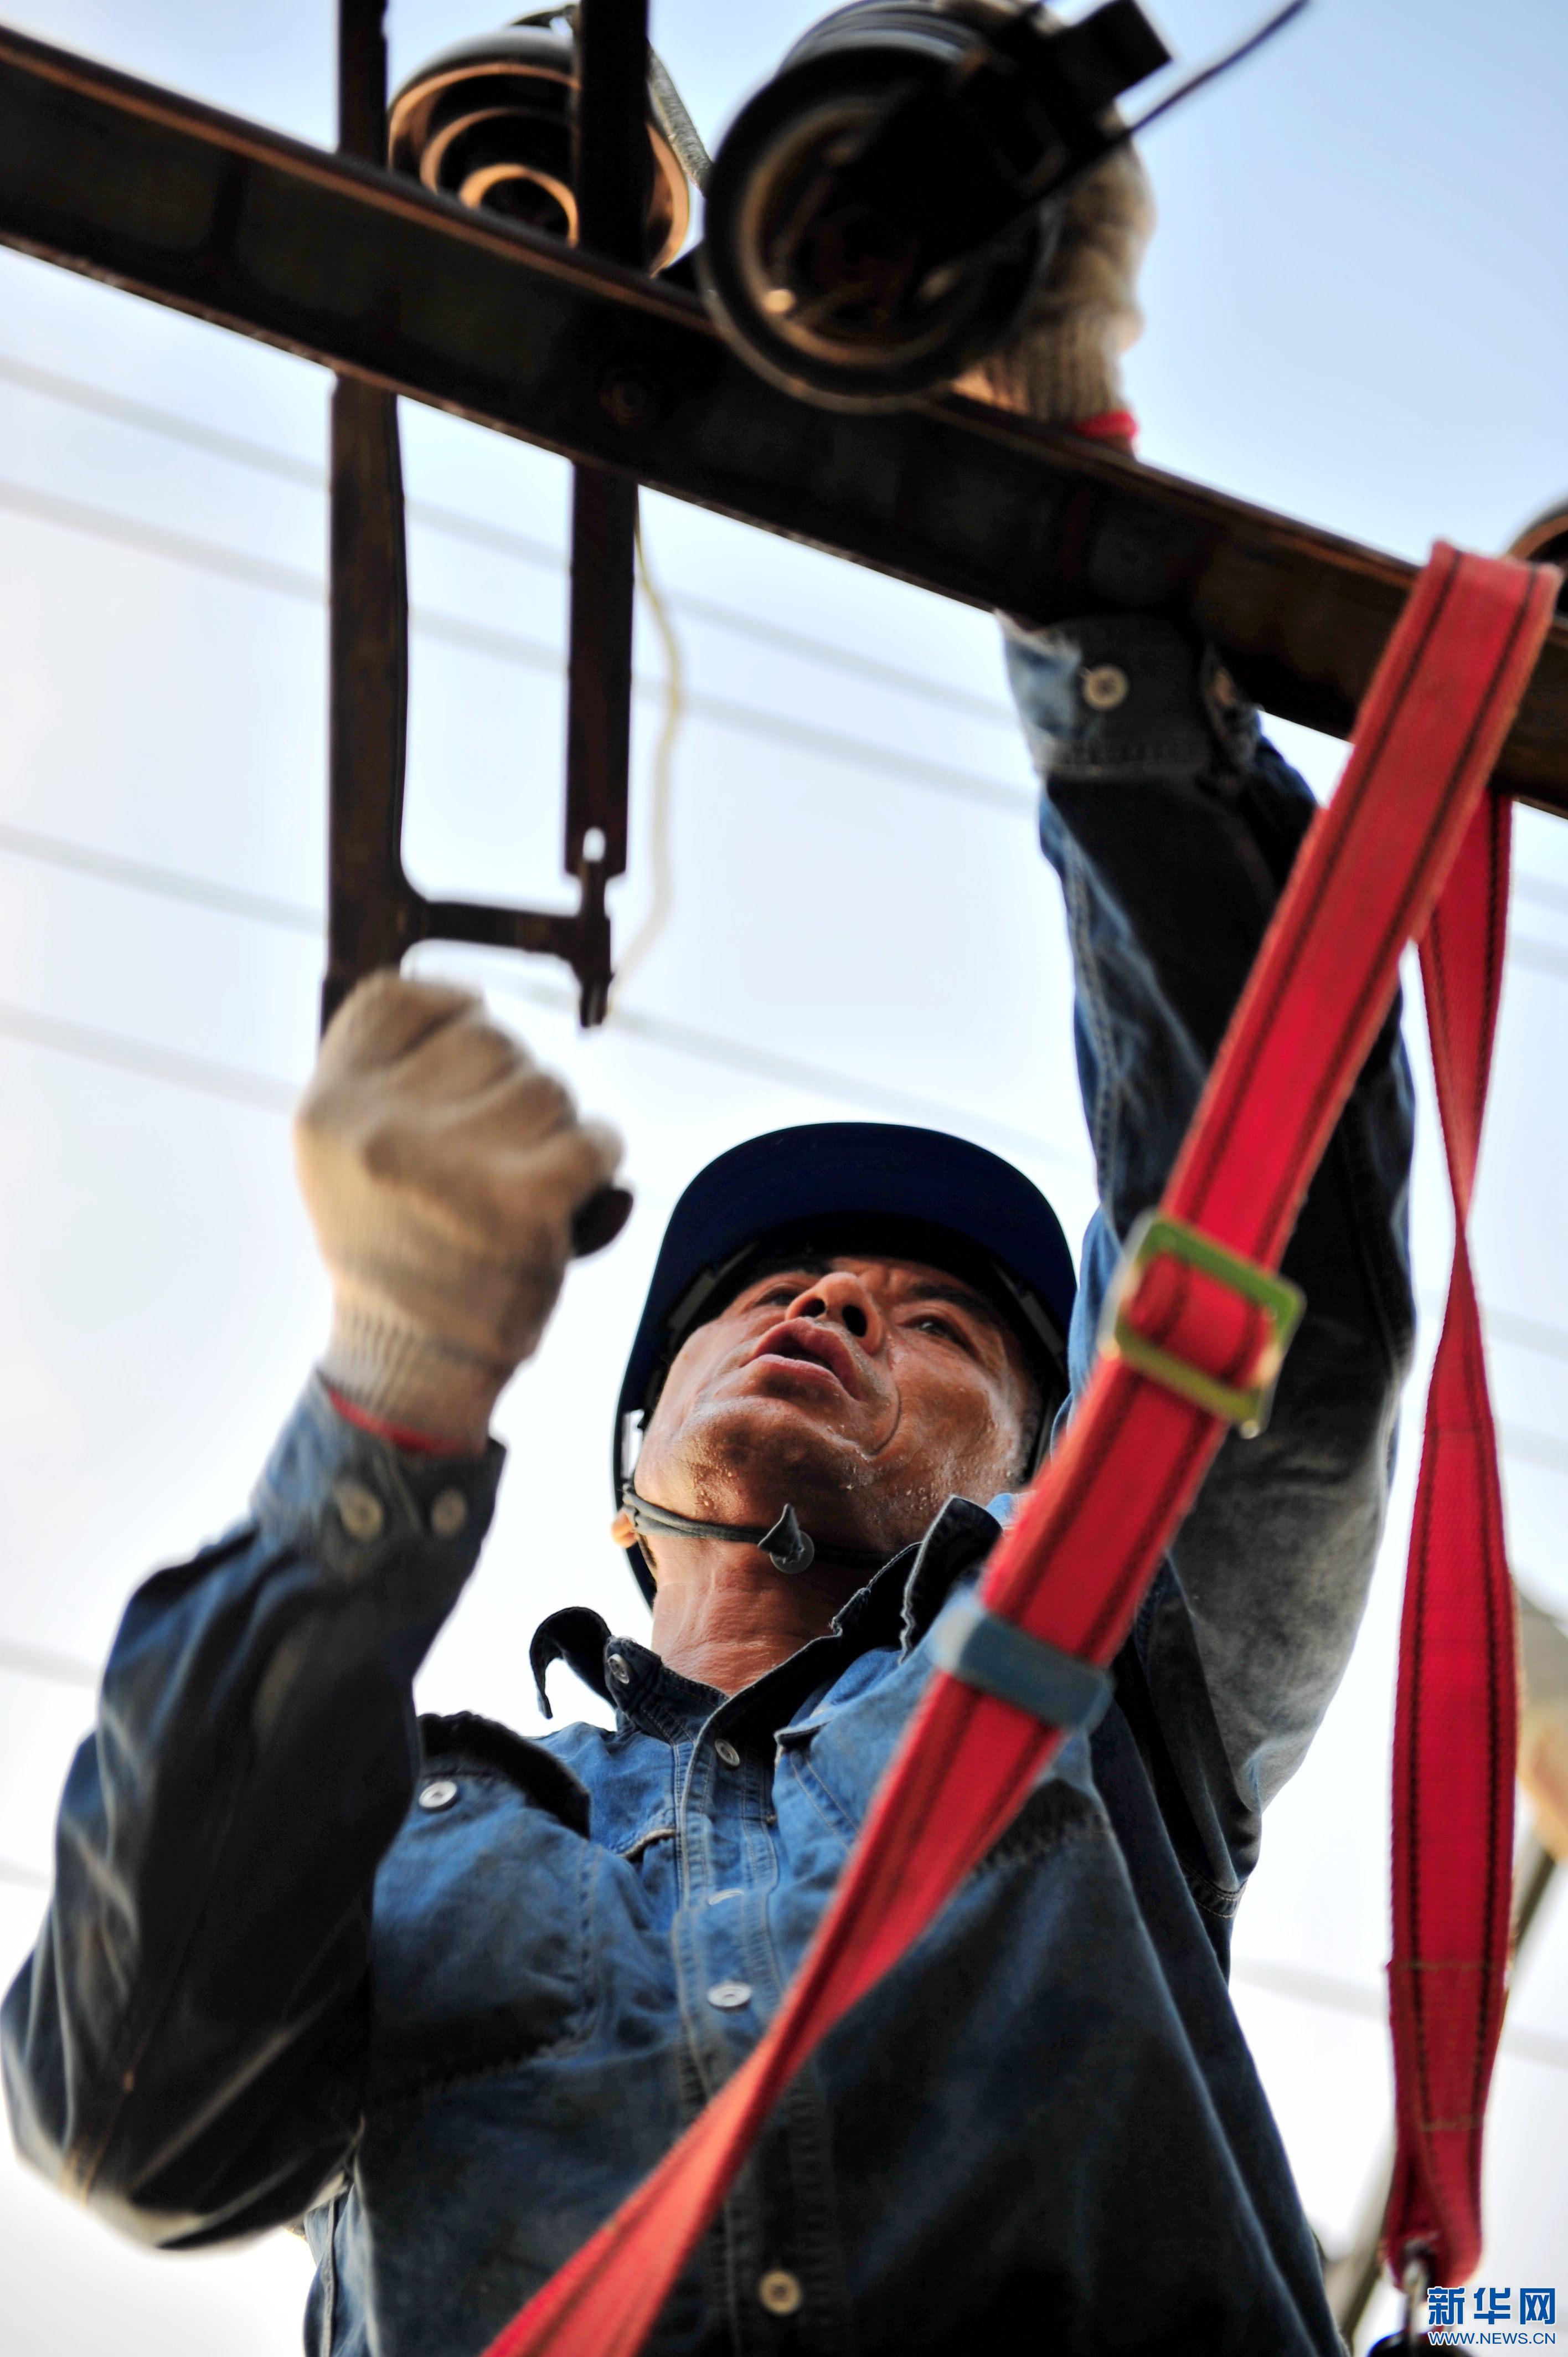 8月2日,供电员工冒着高温,抓紧接线更换变压器.